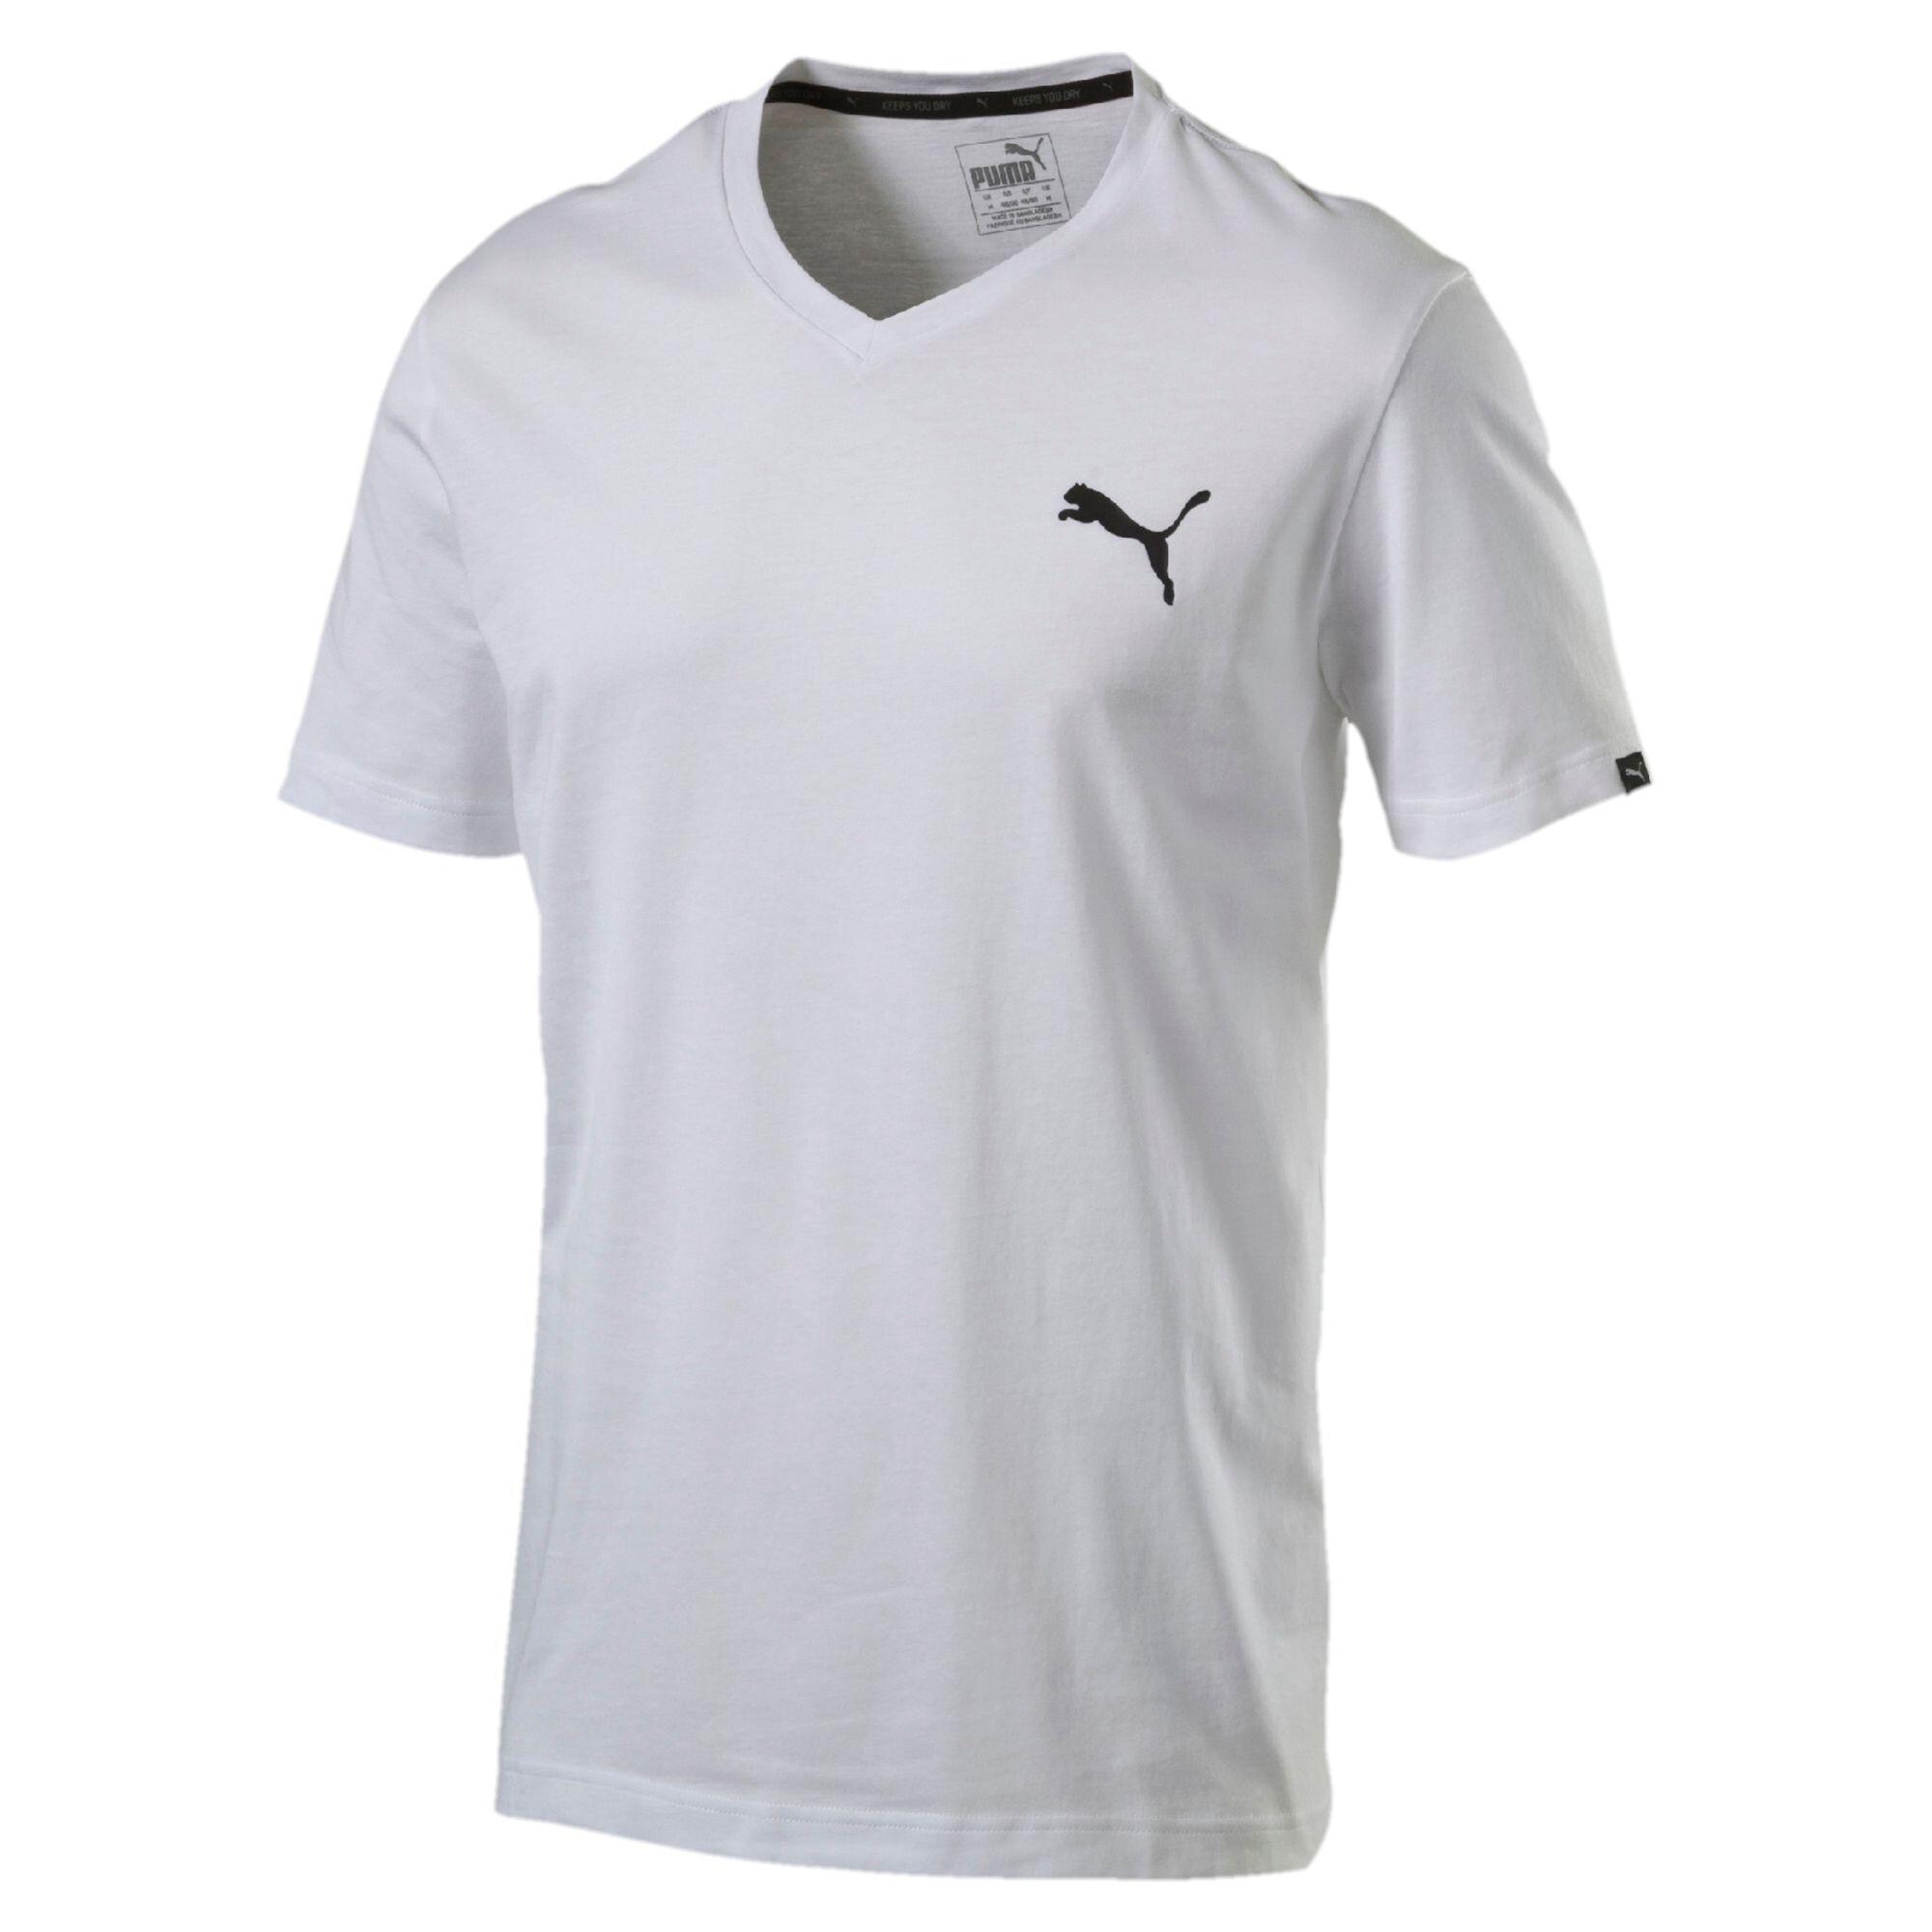 PUMA-Iconic-V-Neck-T-Shirt-Men-Tee-Basics thumbnail 18